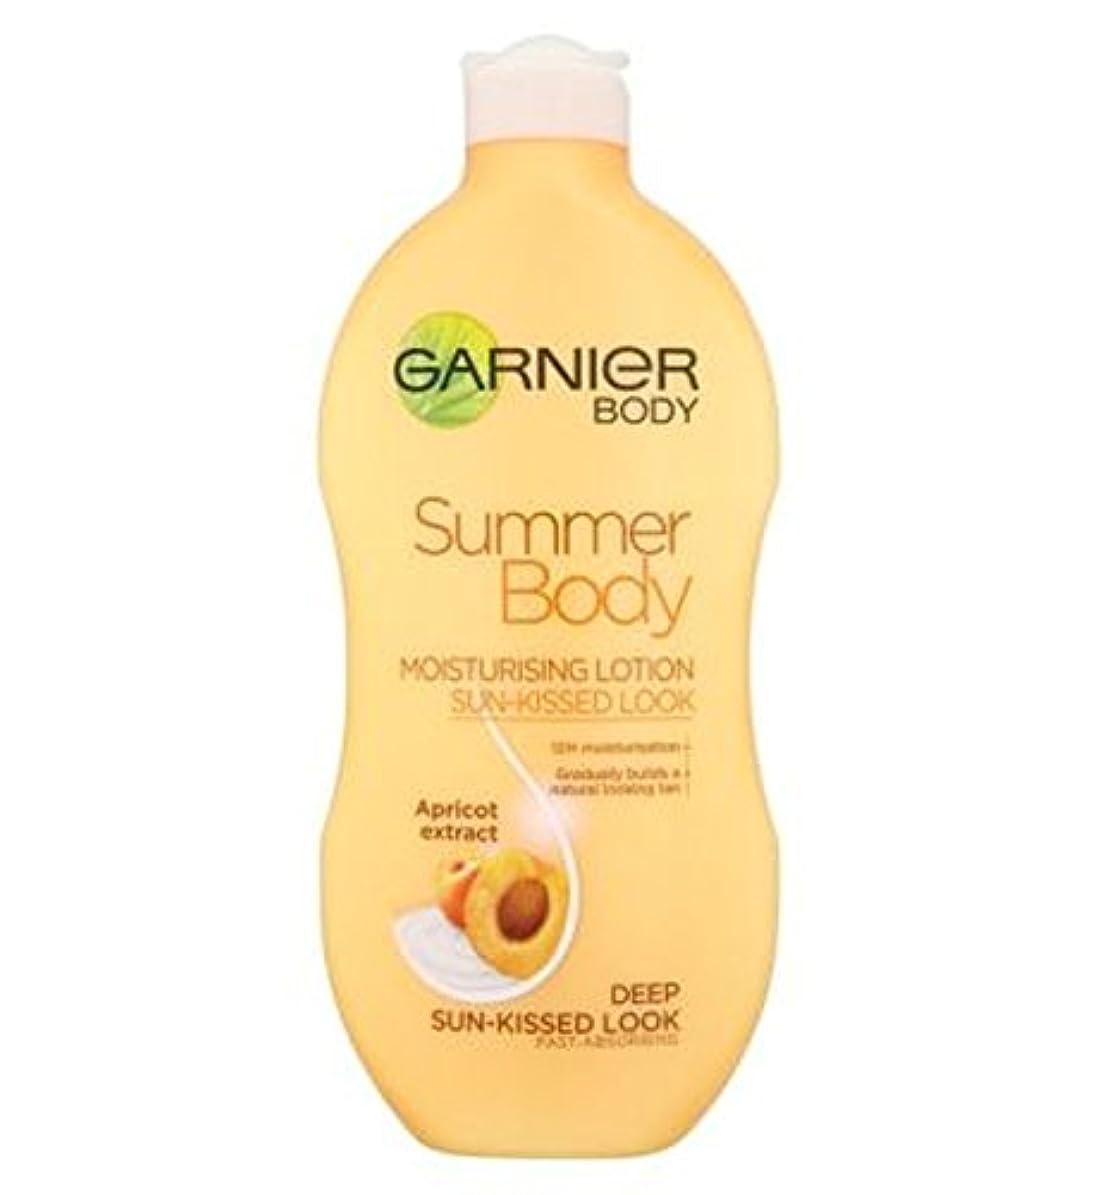 学部長路地掃除Garnier Summer Body Lotion Deep Sun-Kissed 400ml - ガルニエの夏のボディローション深い日、キスをした400ミリリットル (Garnier) [並行輸入品]